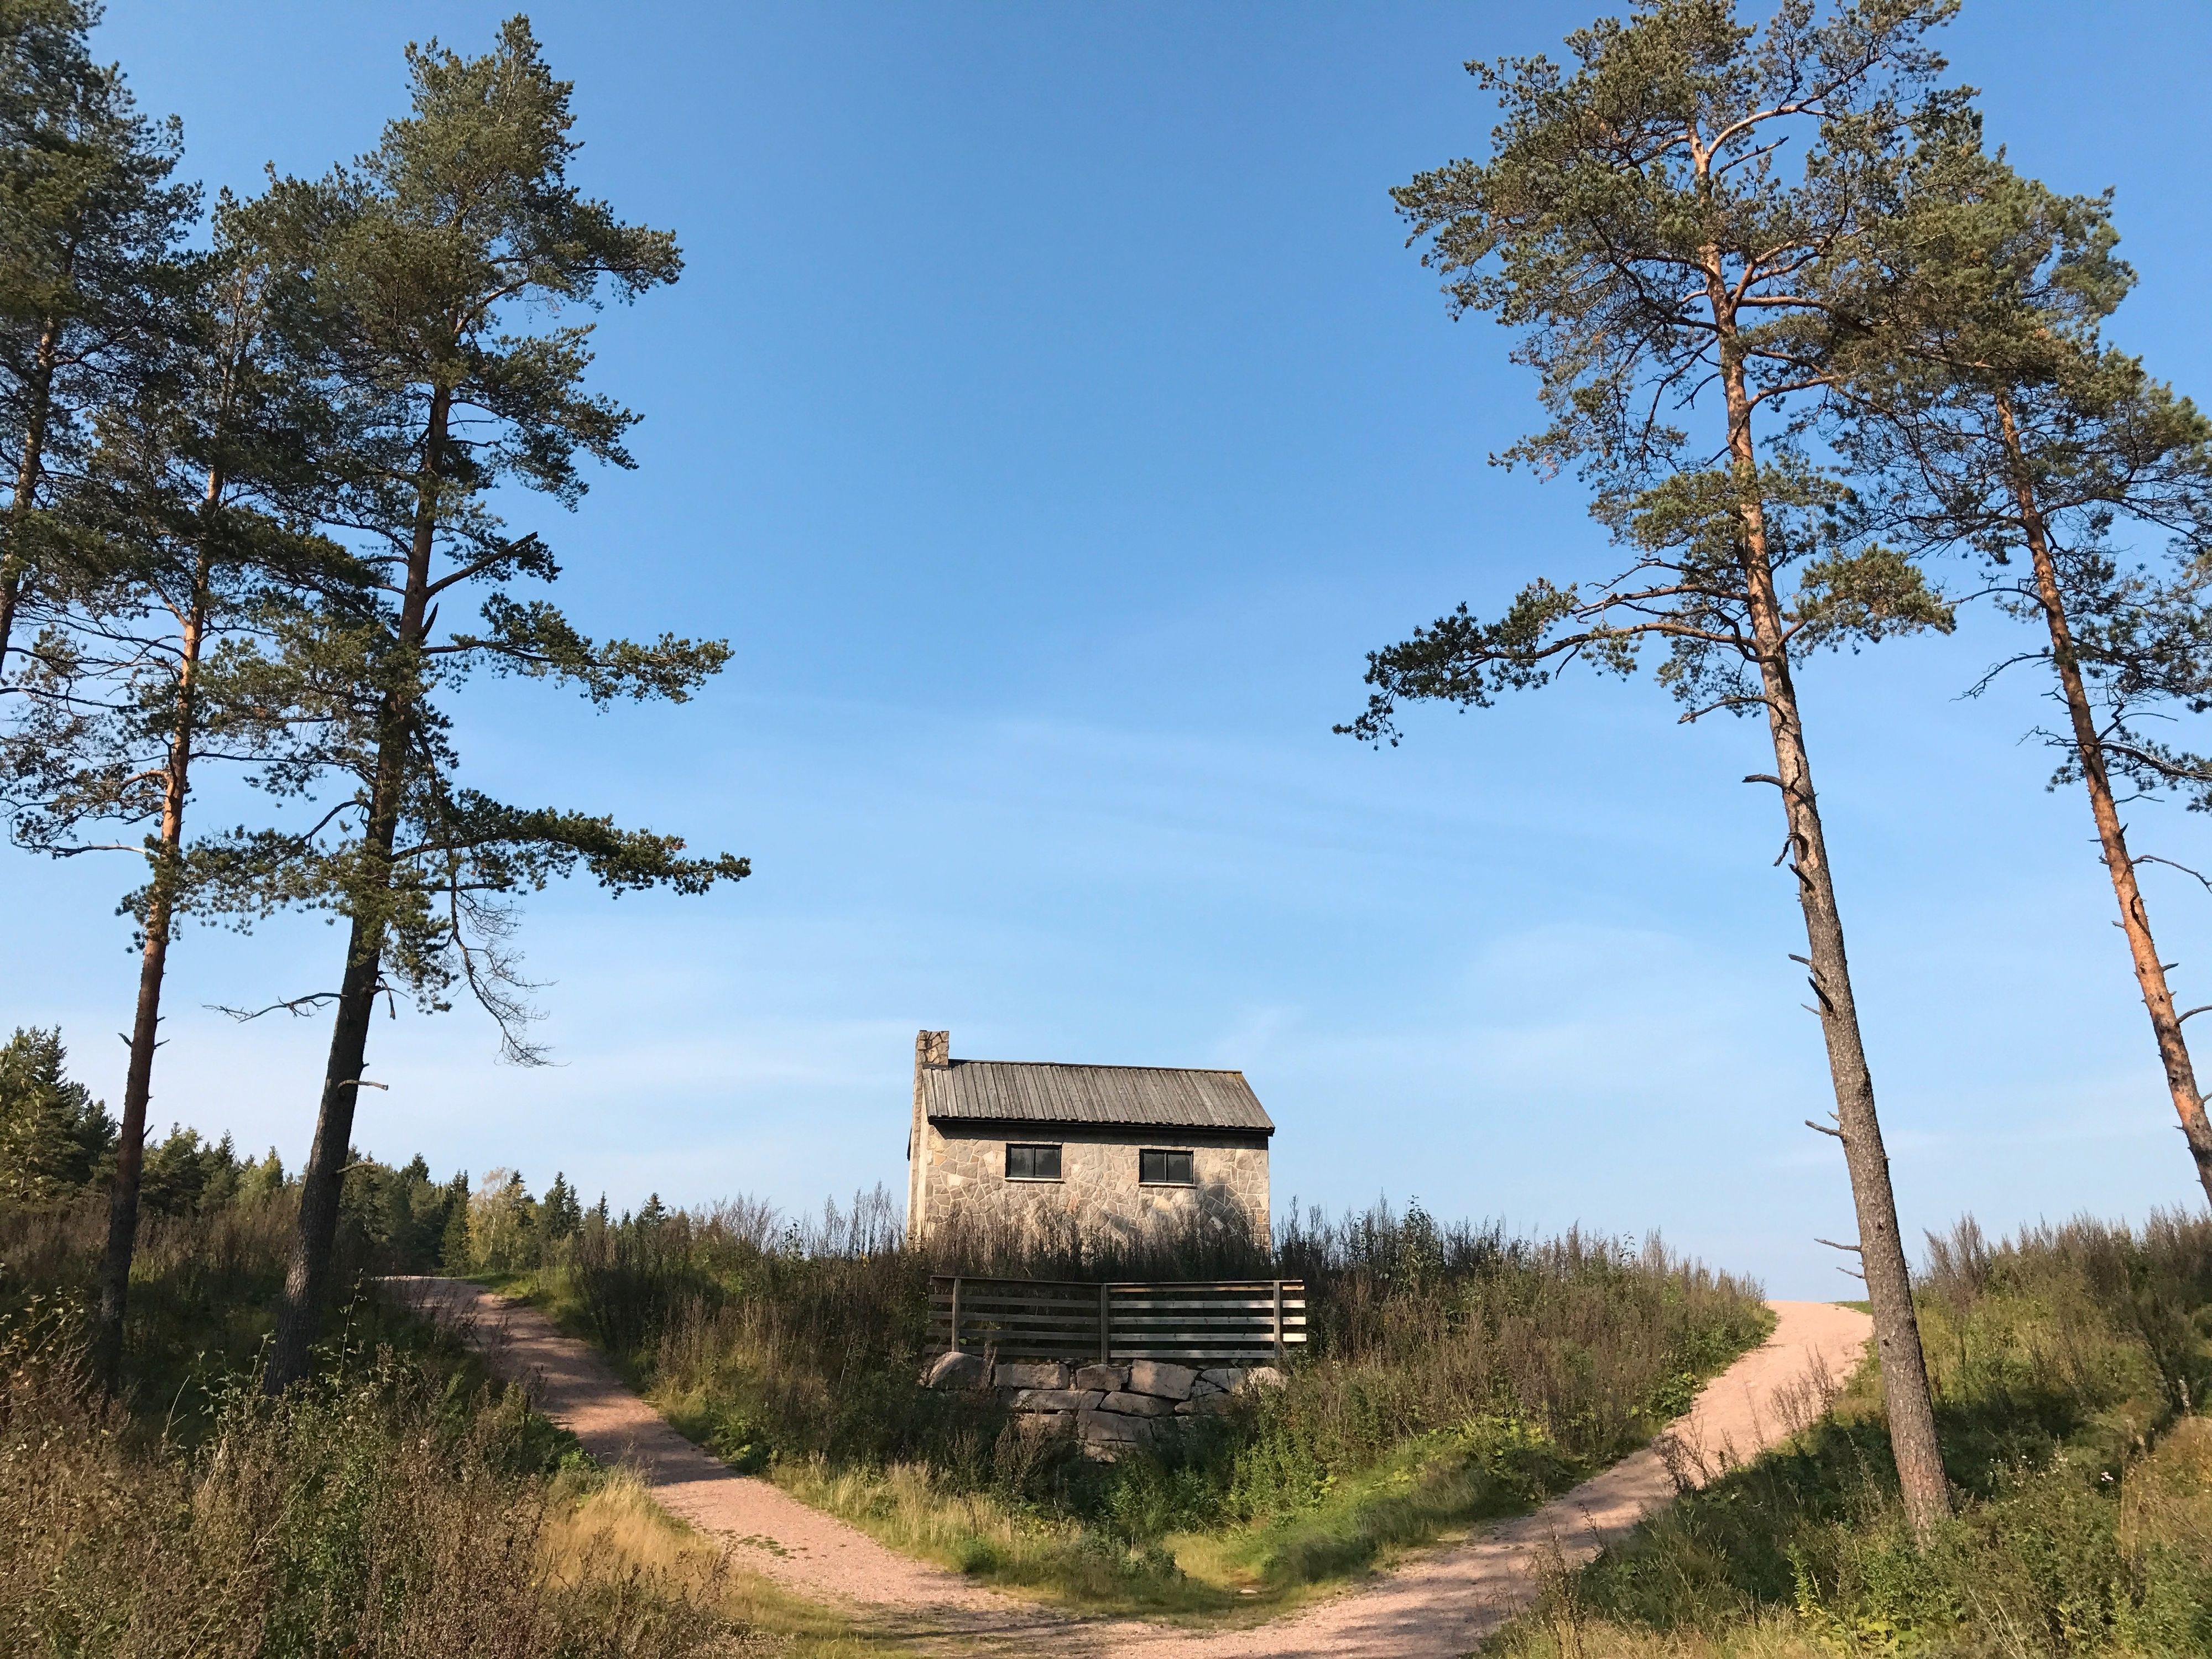 Det lille huset på prærien - også kjent som Steinbruvann. 1x zoom. Bilde: Finn Jarle Kvalheim, Tek.no